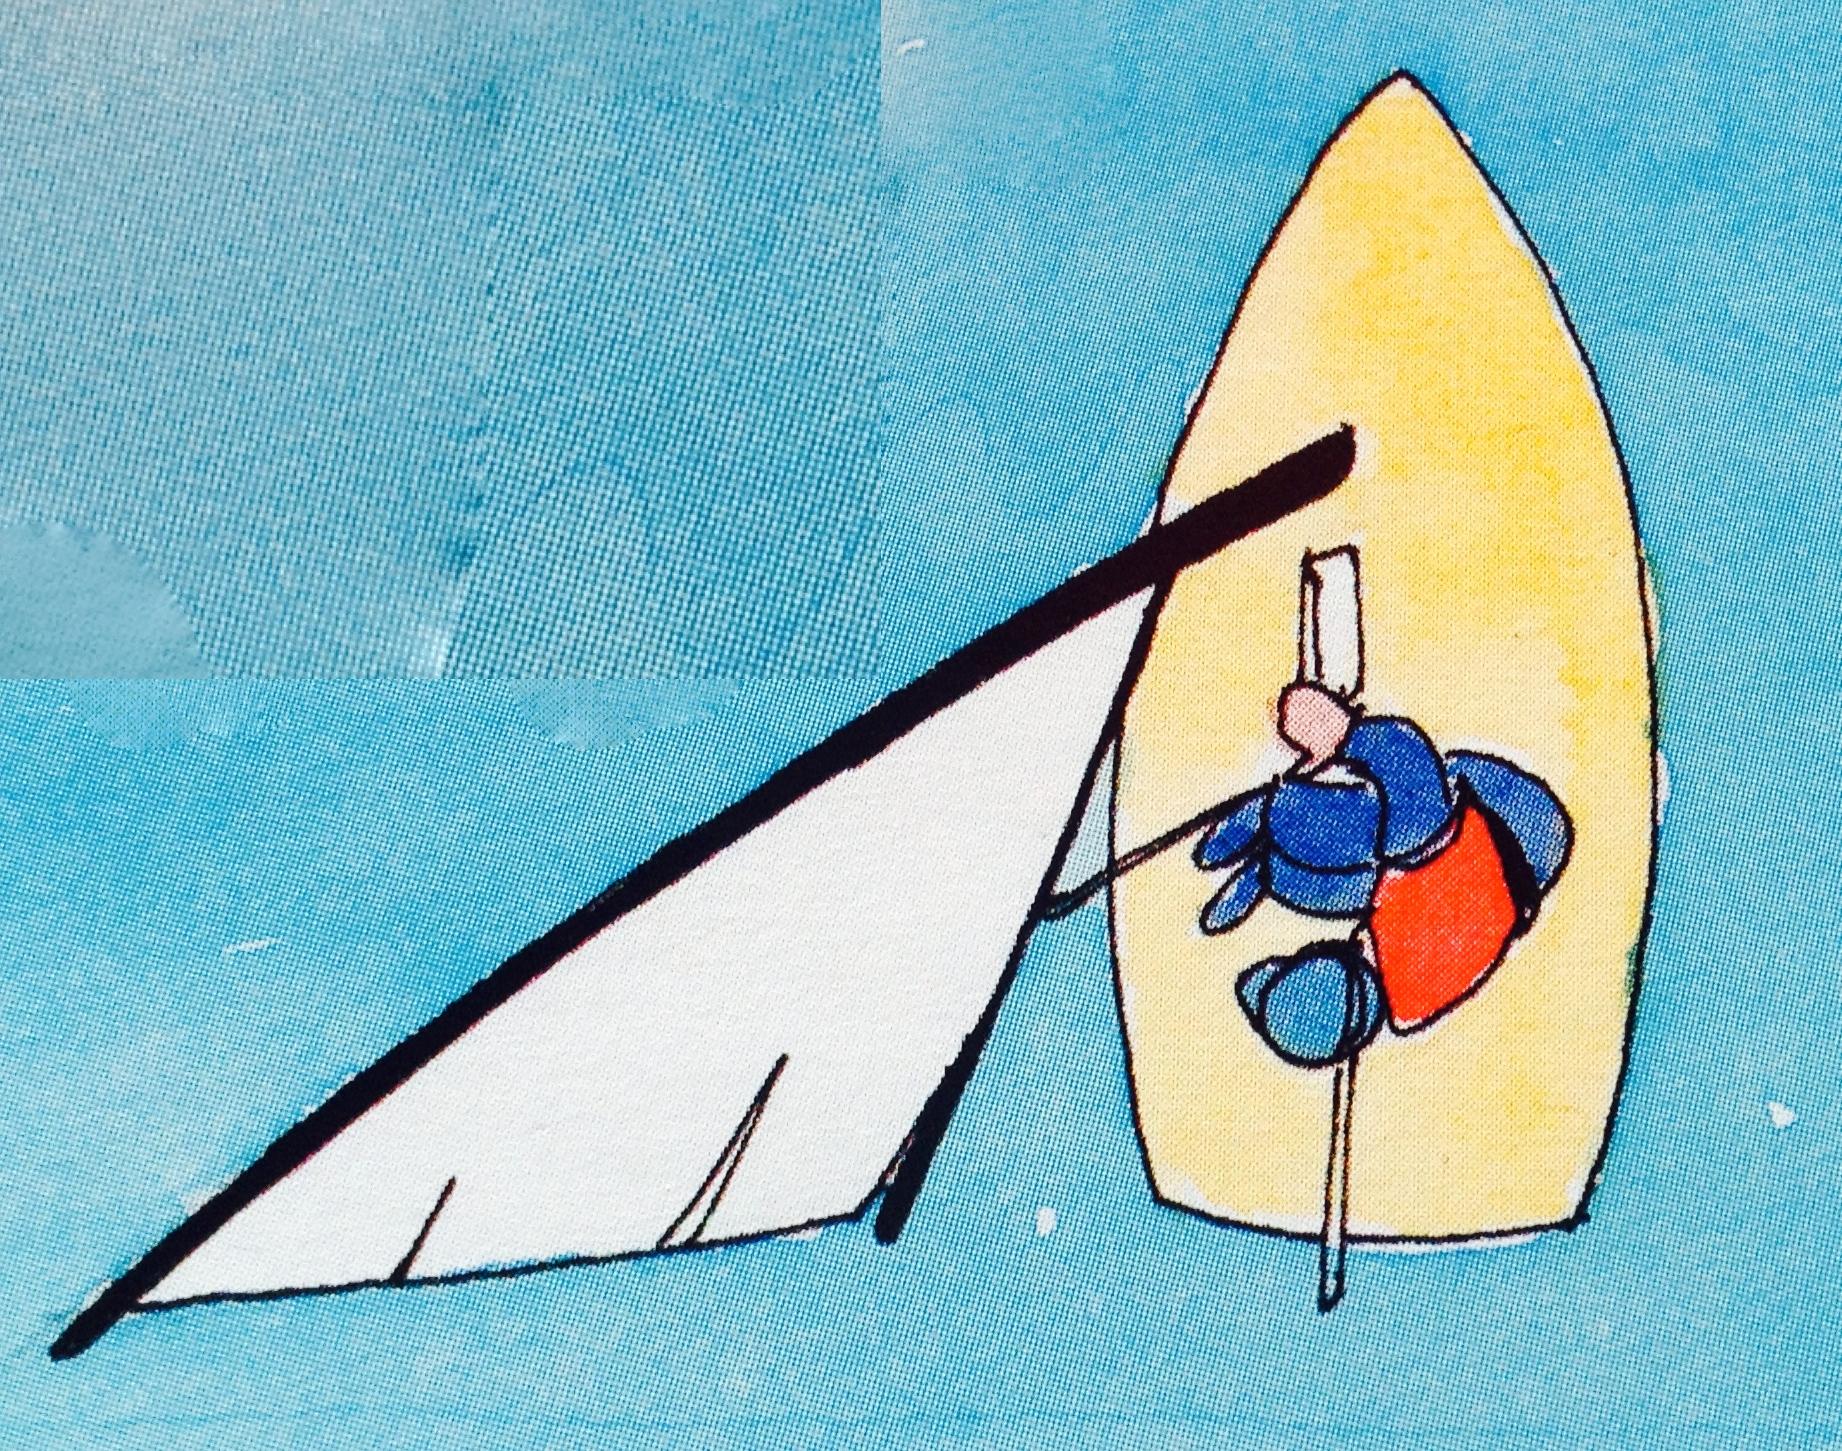 """徐莉佳,中轴线,先来 先来学习最容易控制和掌握的""""横风""""操作----徐莉佳漫画 8c.jpg"""